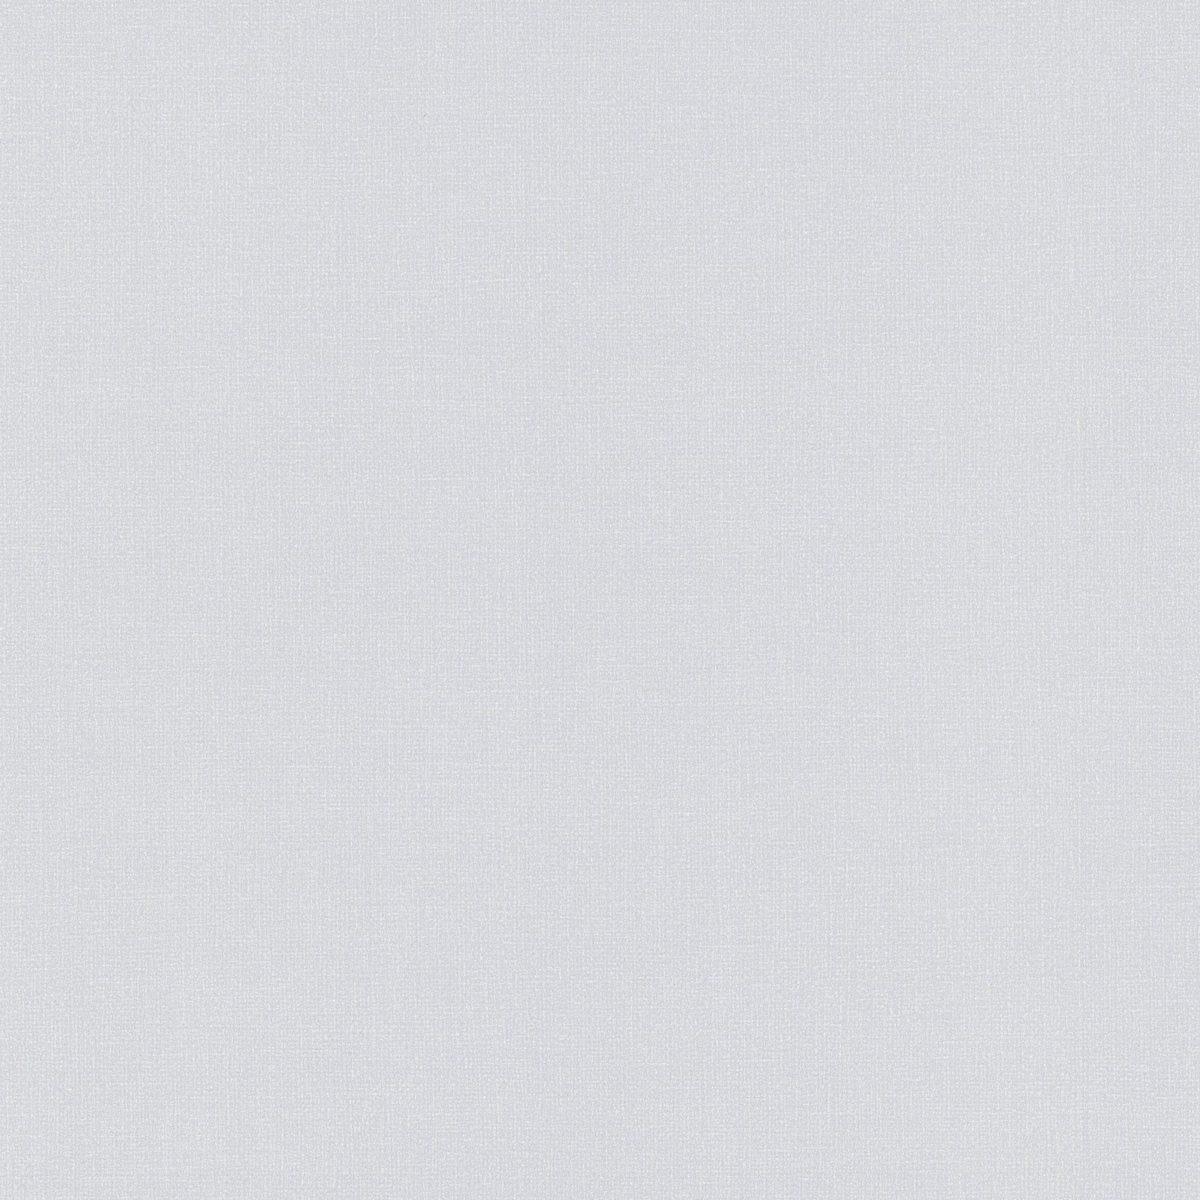 kids wallpaper plain light grey wallpaper P+S Dieter 4 Kid'Z 05498-20